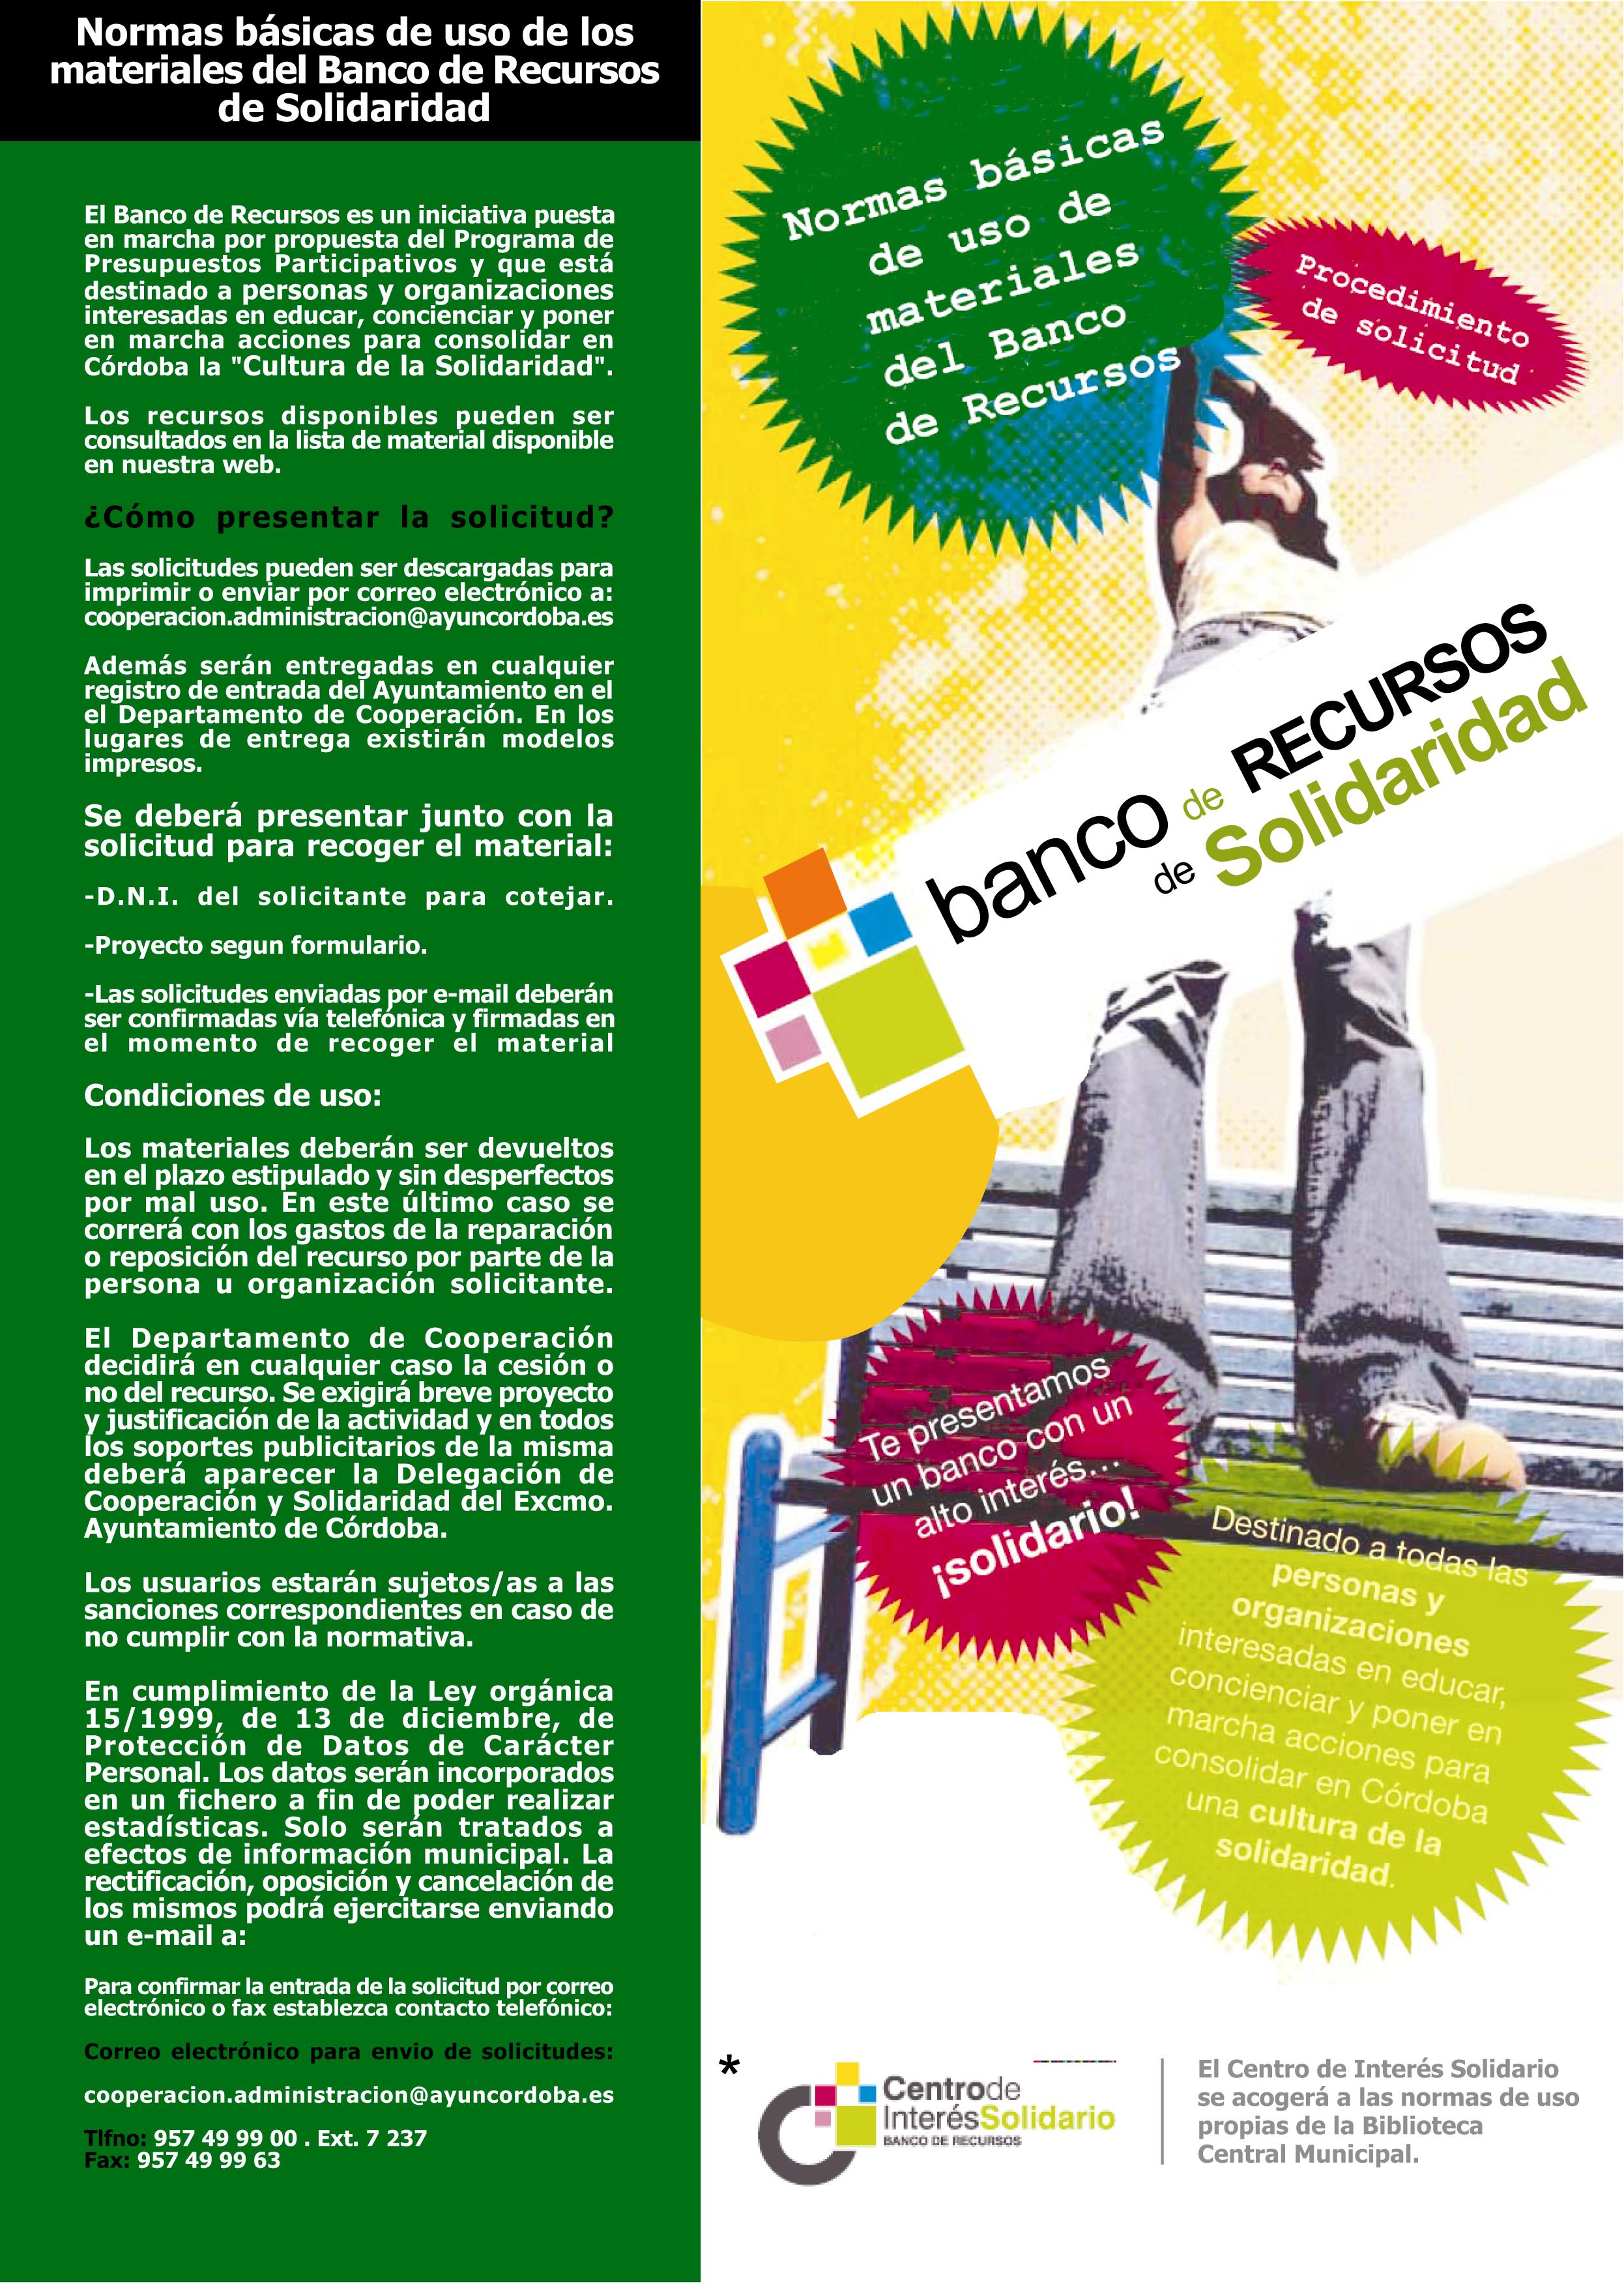 Normas_de_uso_del_Banco_de_Recursos_de_Solidaridad